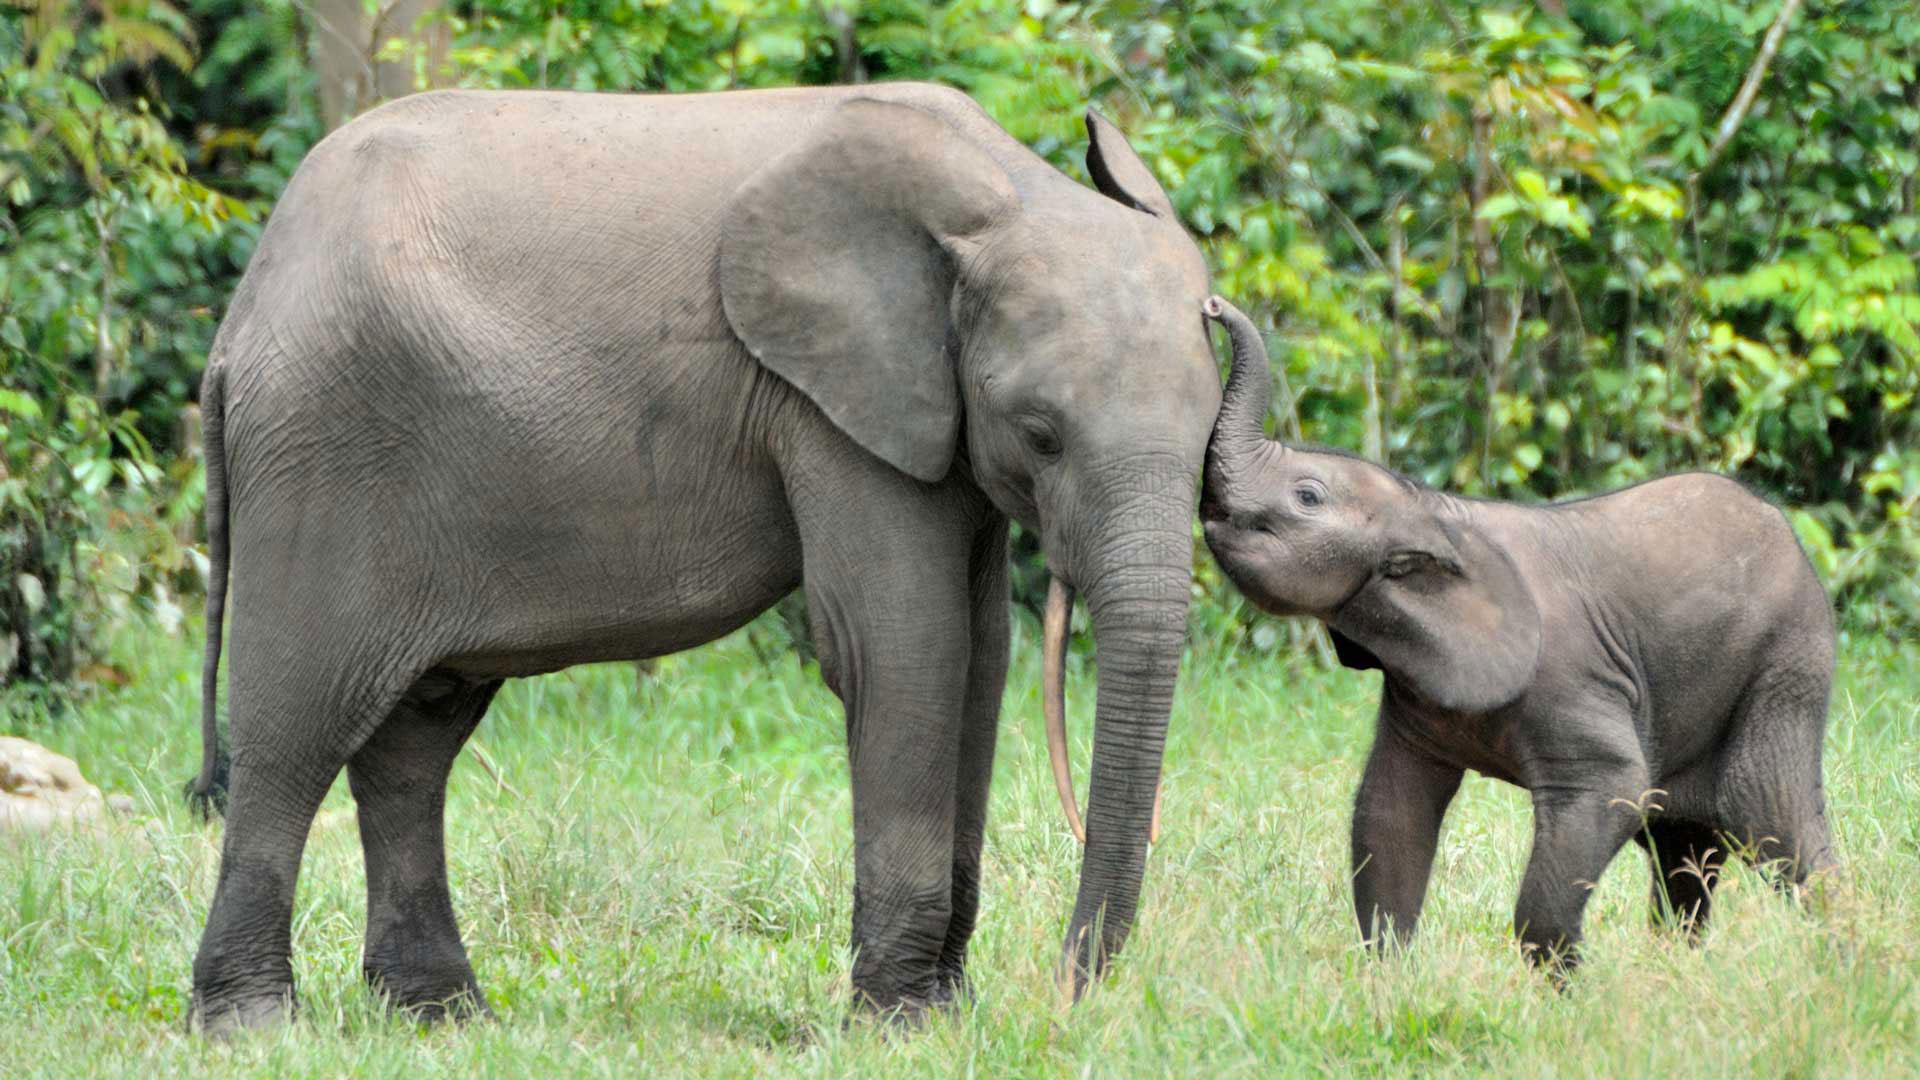 Wie kann man die Elefanten schützen?